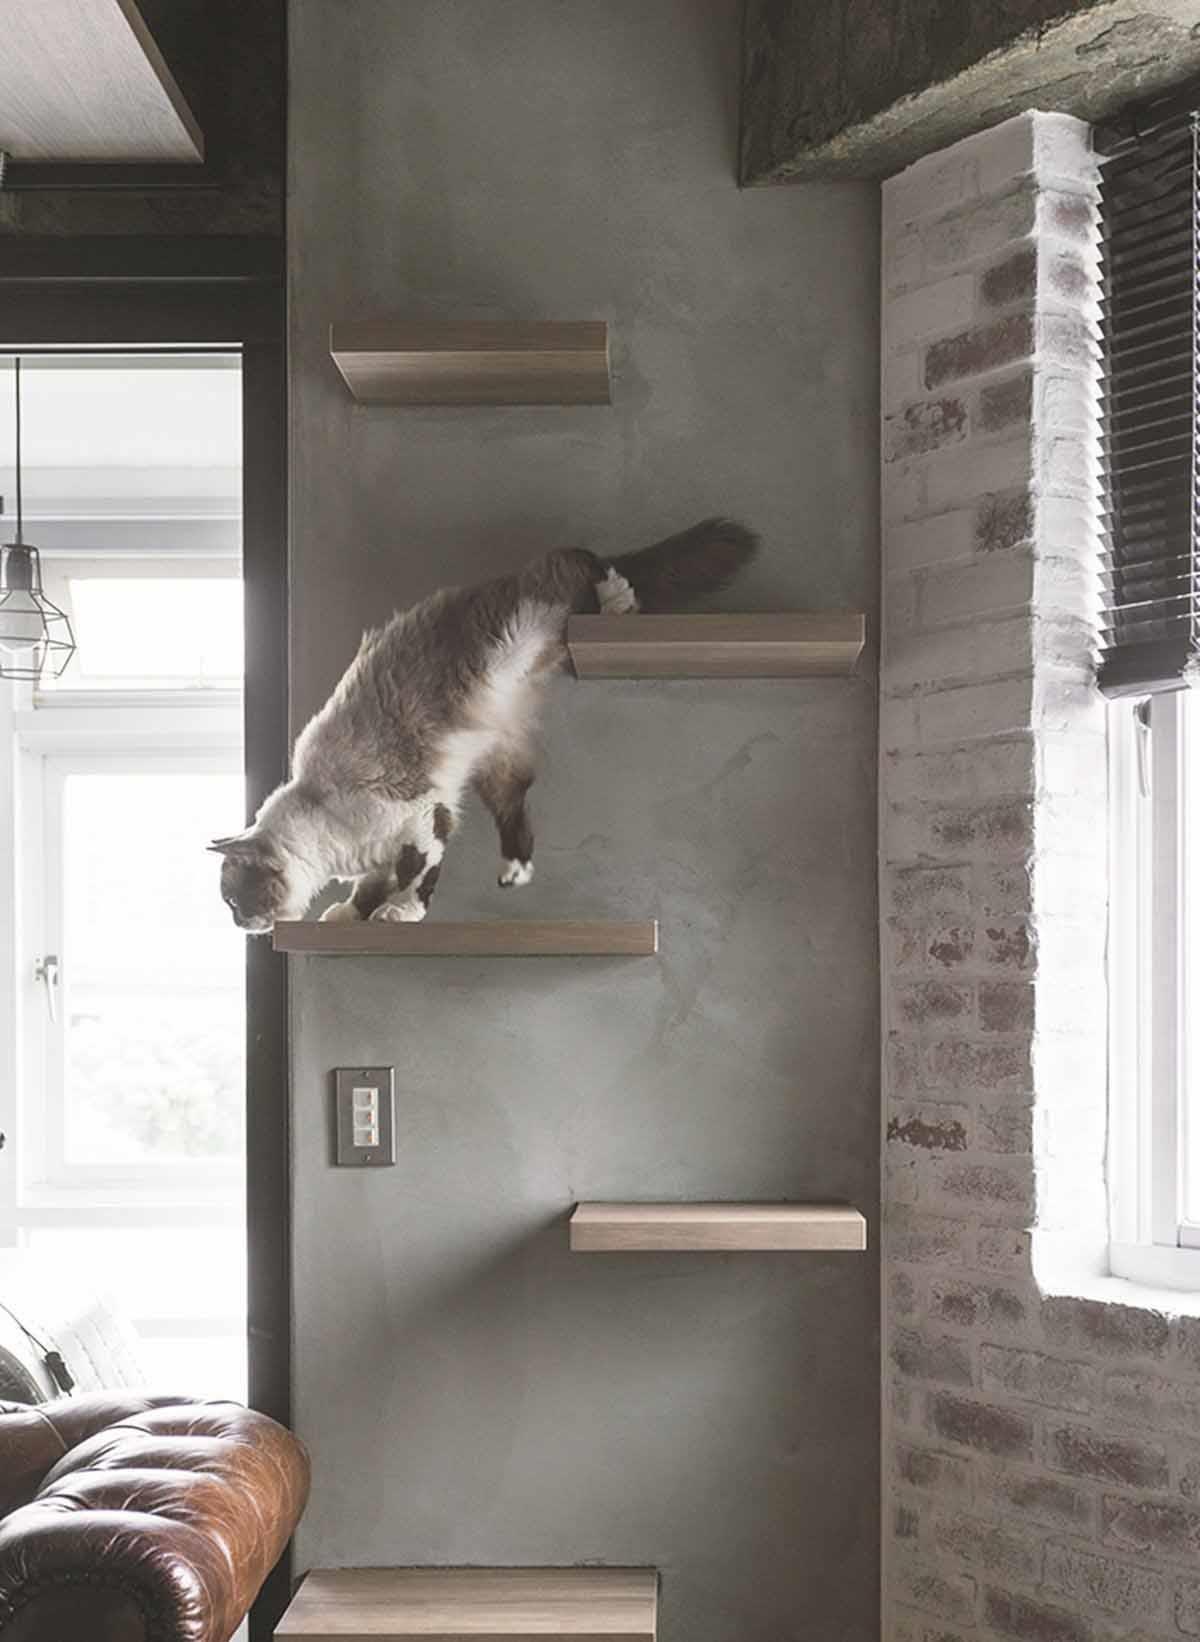 因此刻意沿窗台区规划另一个实木制作的猫跳台,让猫咪可从窗台跳到